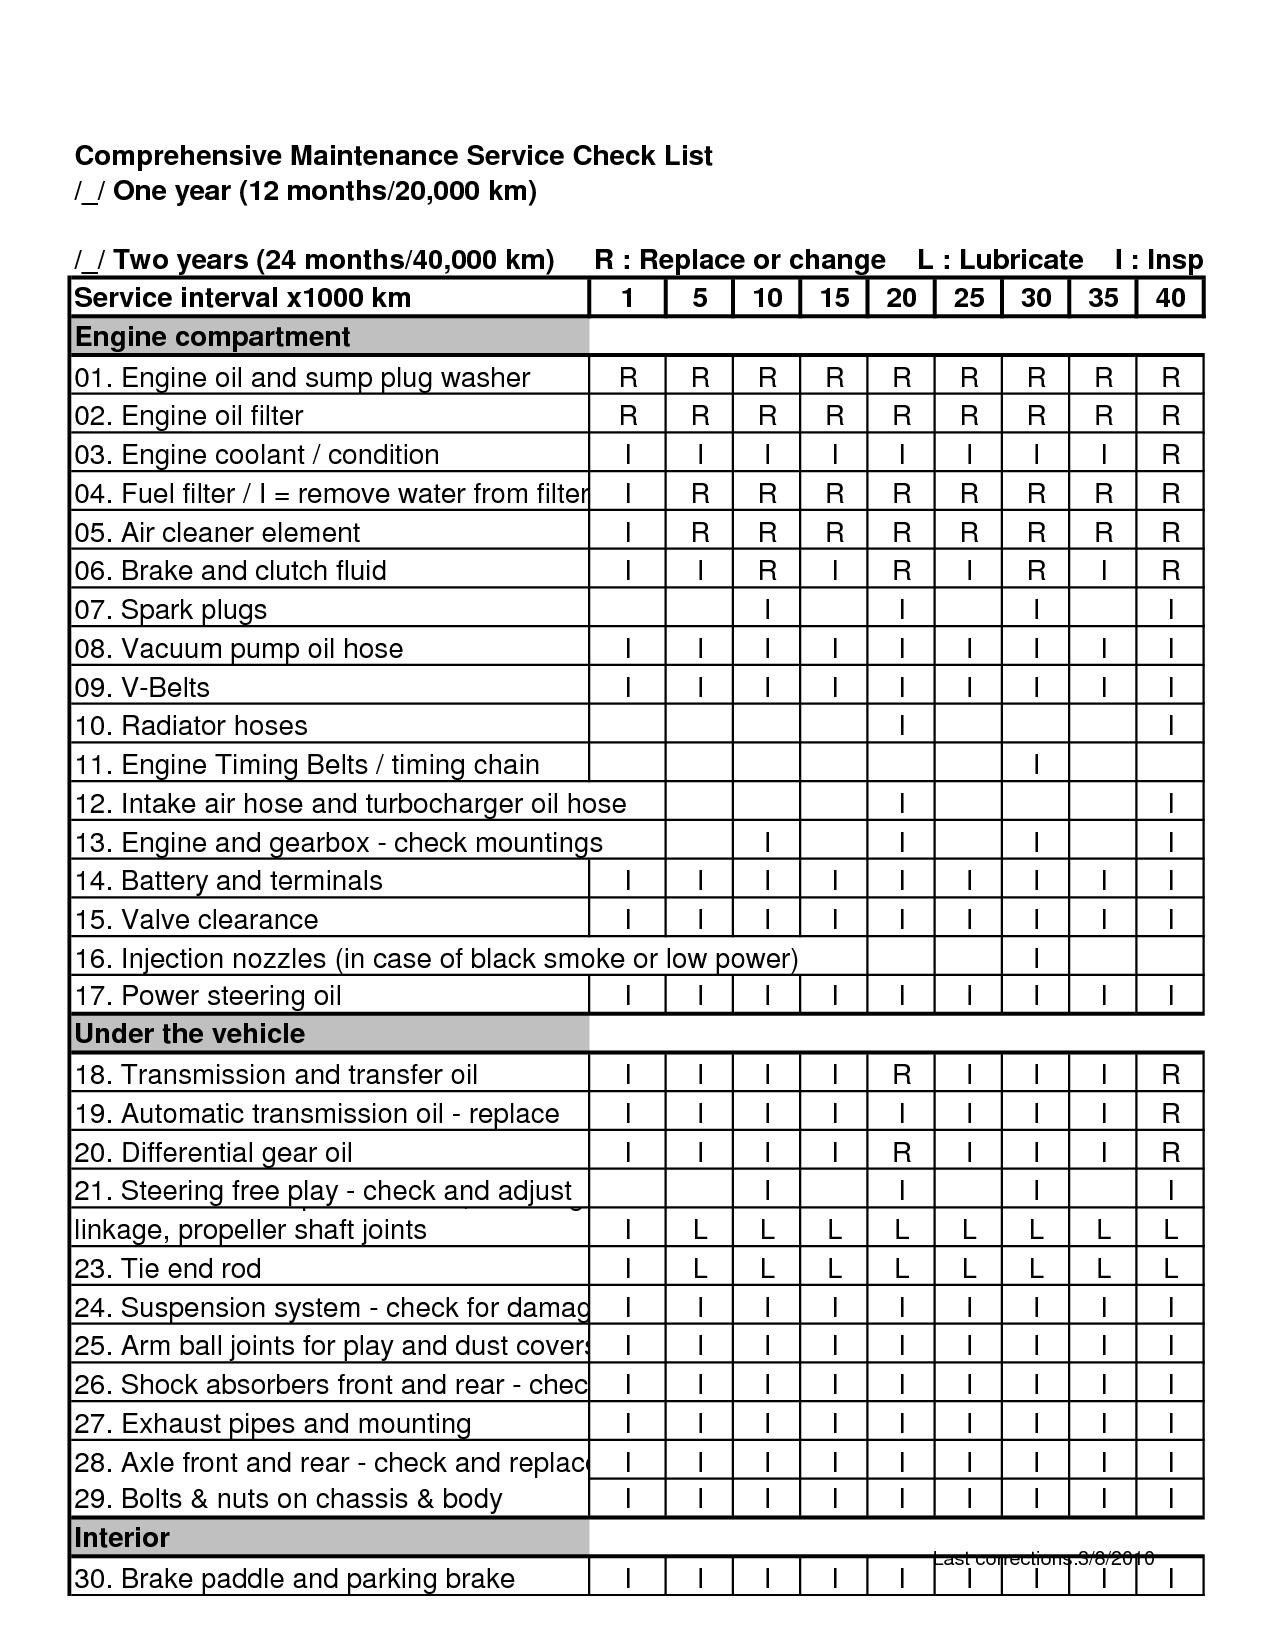 Automotive Preventive Maintenance Checklist Form